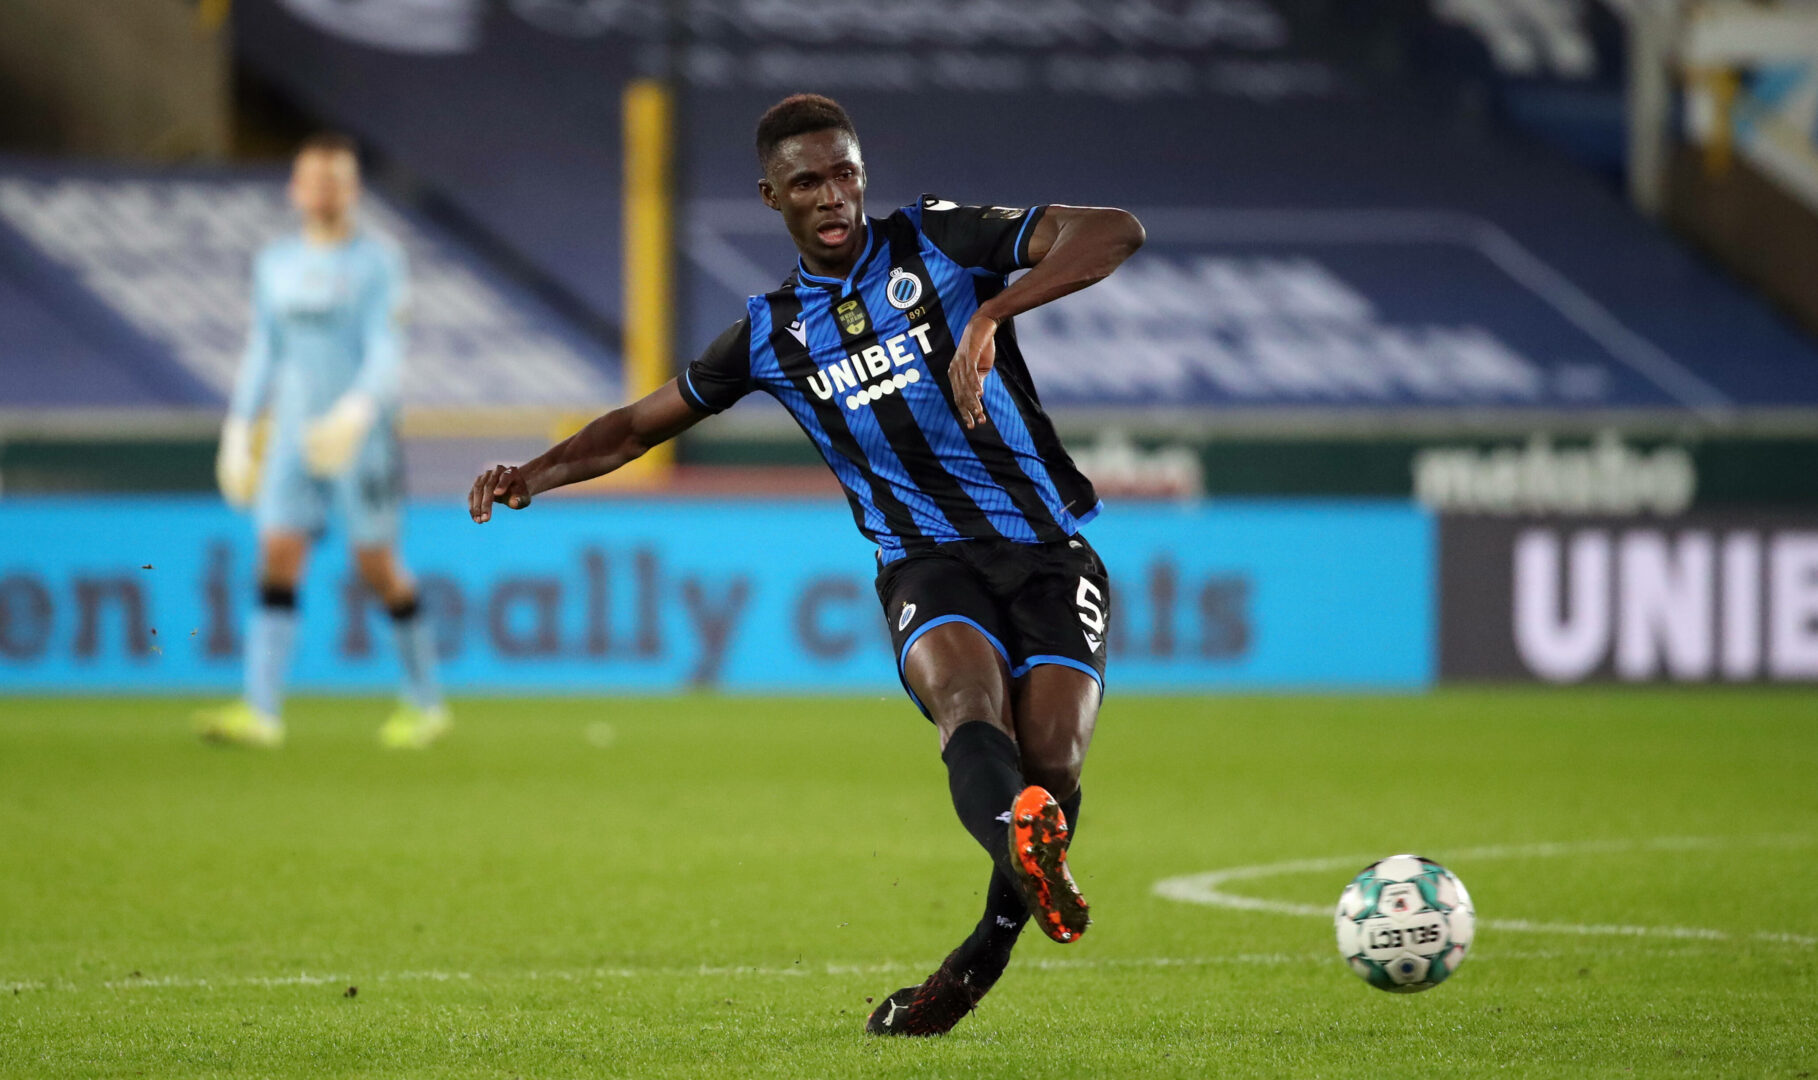 Leverkusen findet Innenverteidiger: Kossounou kommt für saftige Ablöse